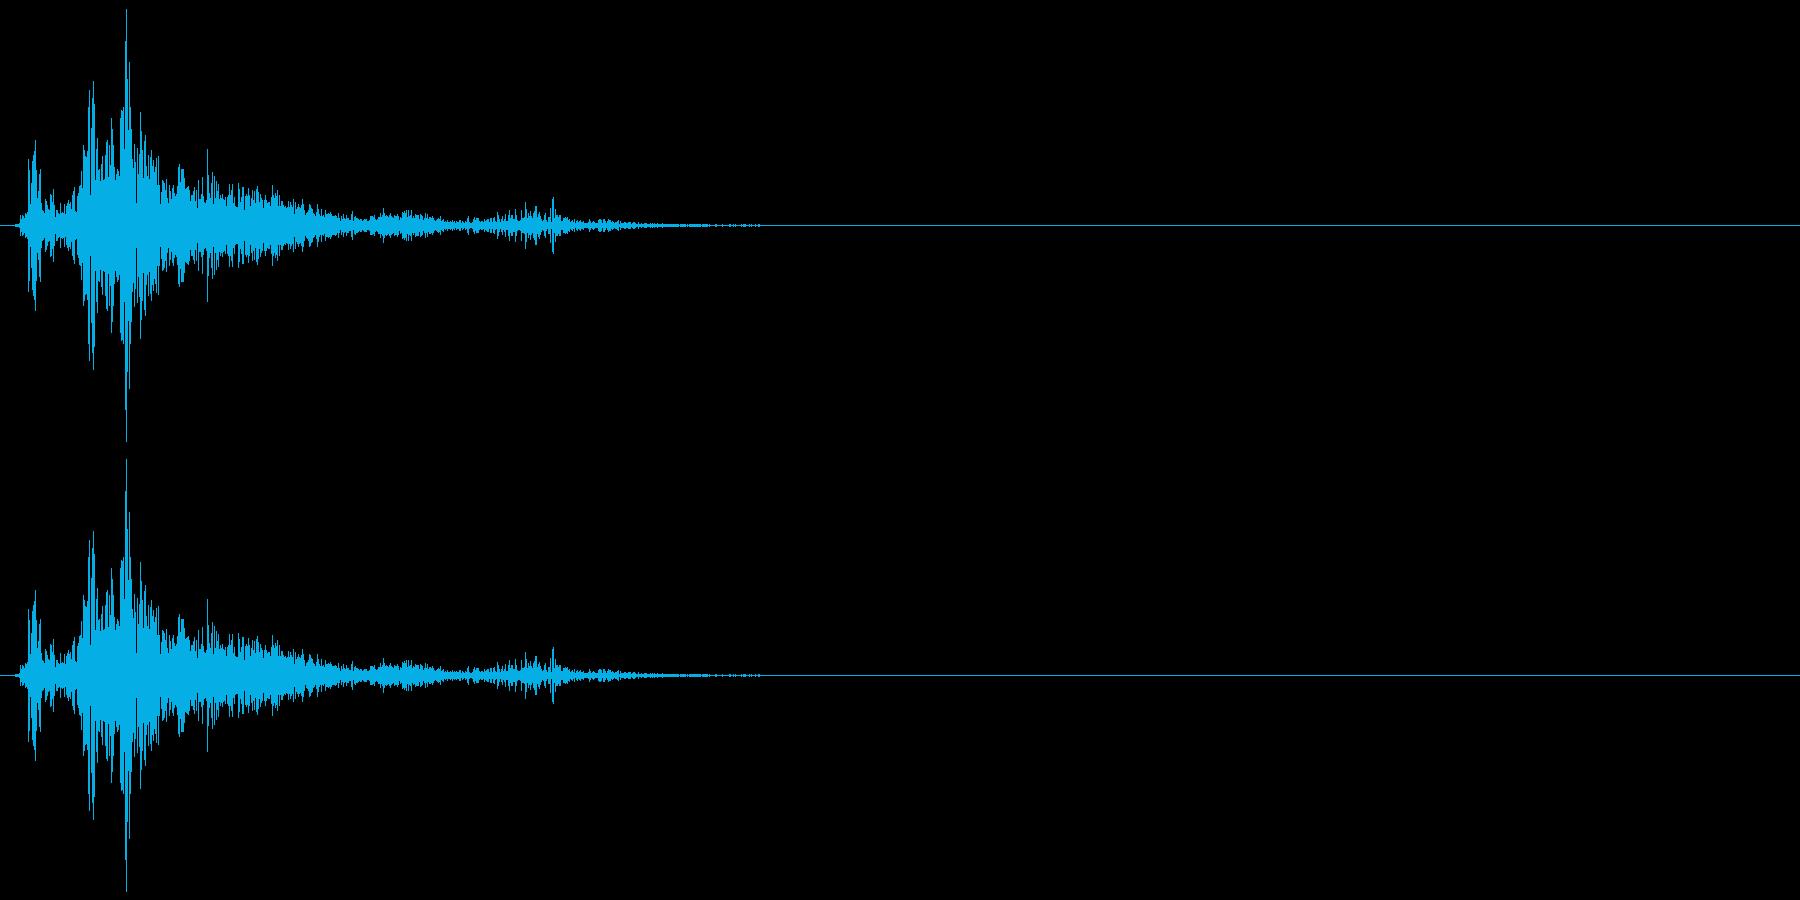 ドサッ(人が倒れる音)03の再生済みの波形